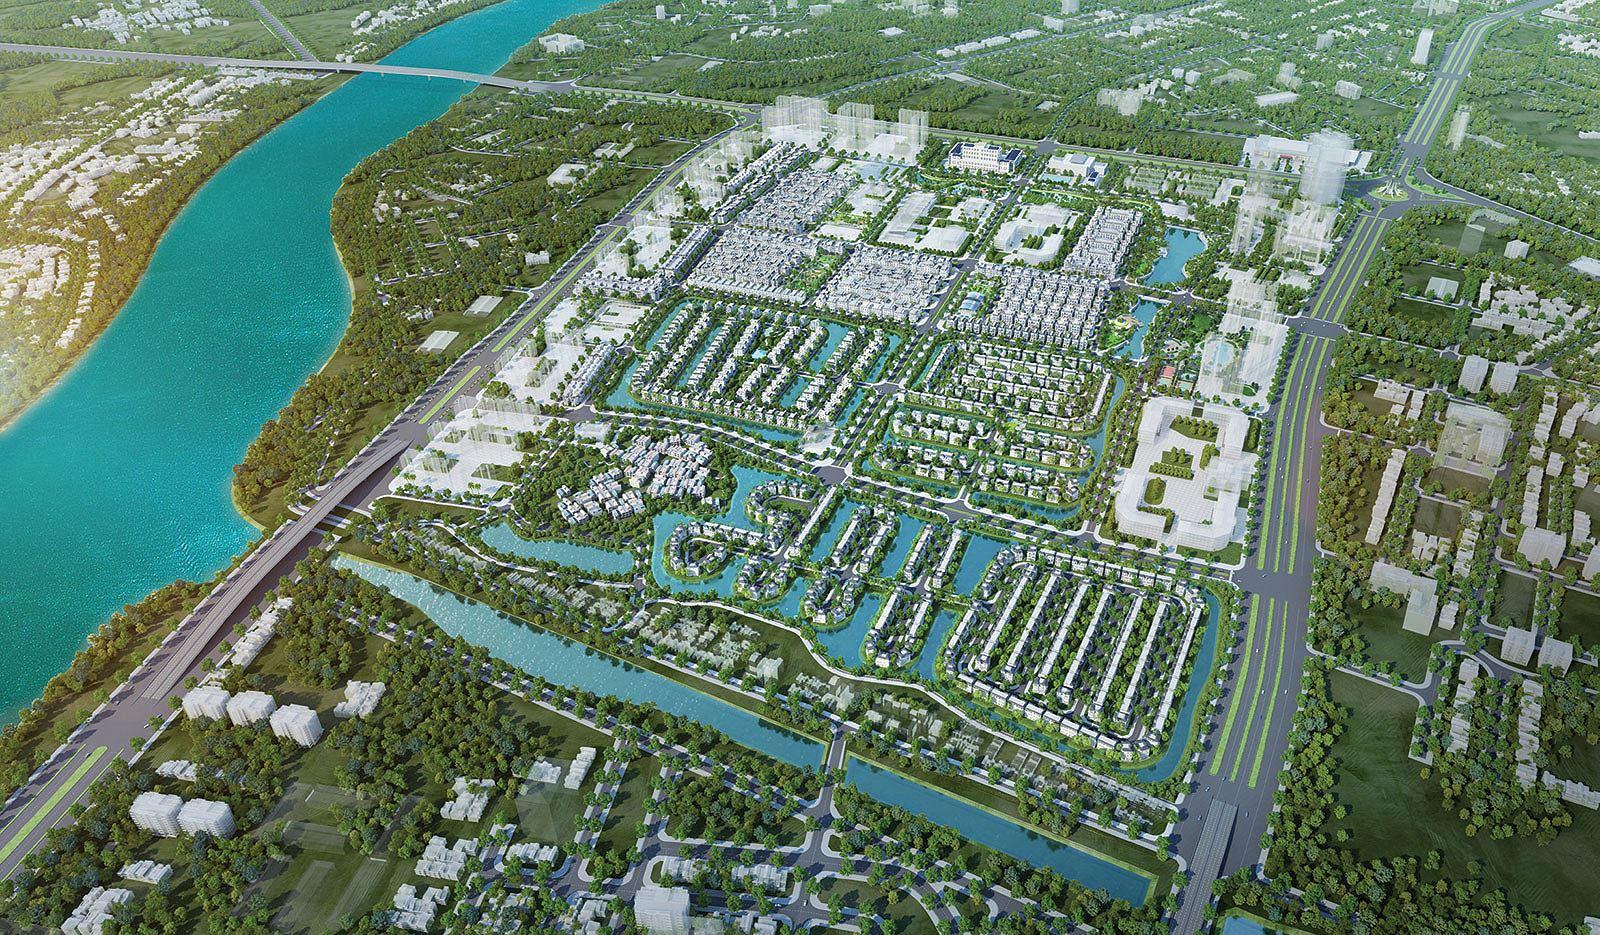 Phối cảnh tổng thể dự án Vinhomes Cổ Loa tại Đông Anh, Hà Nội